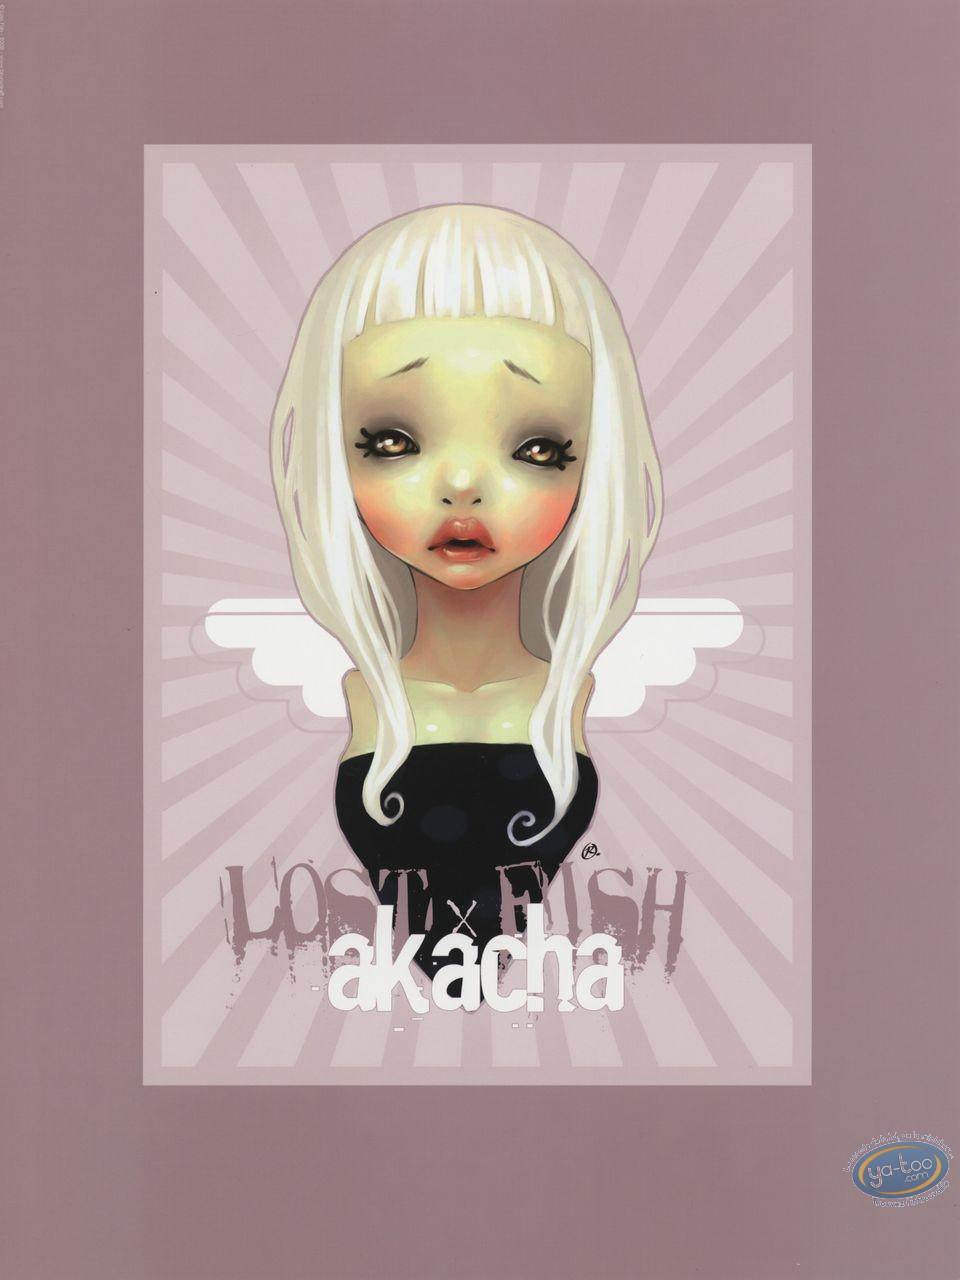 Affiche Offset, Lostfish : Akacha